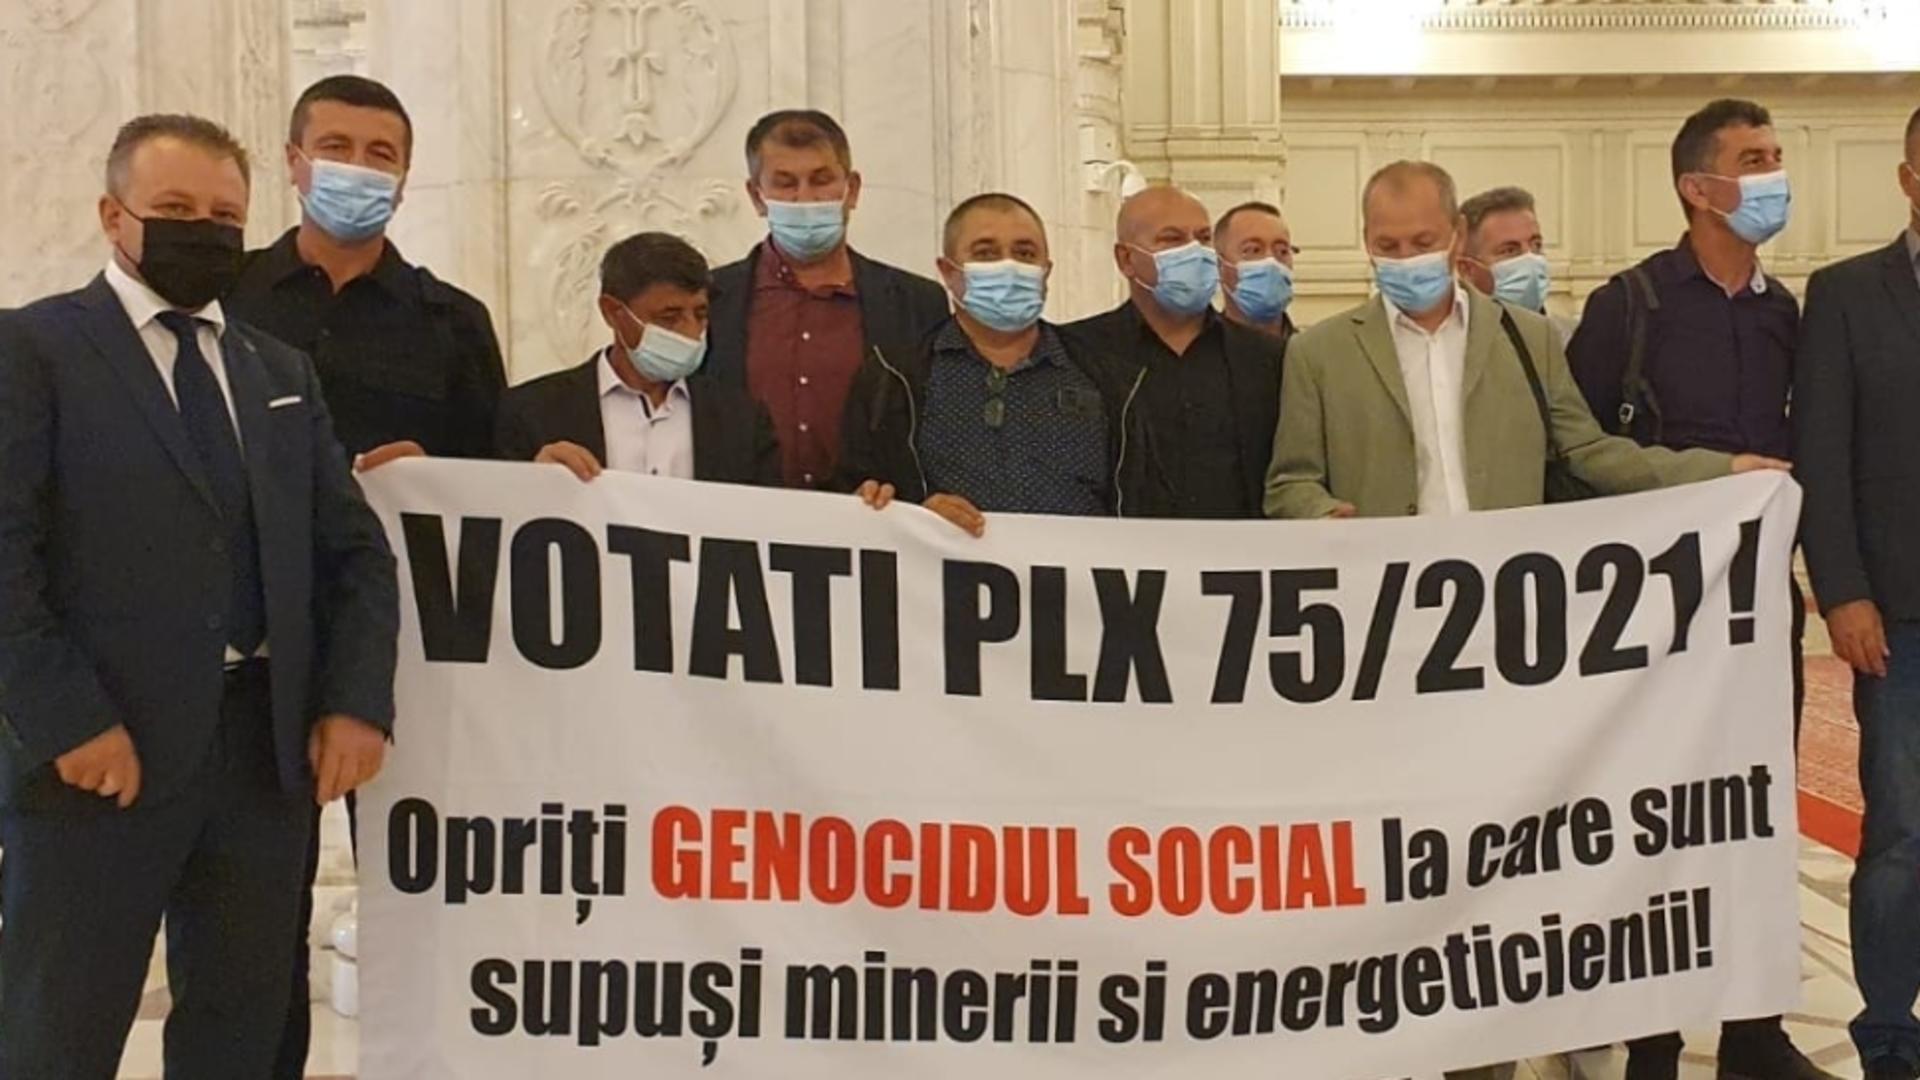 PENSIONAREA  anticipată pentru mineri și energeticieni - VOTATĂ în Parlament